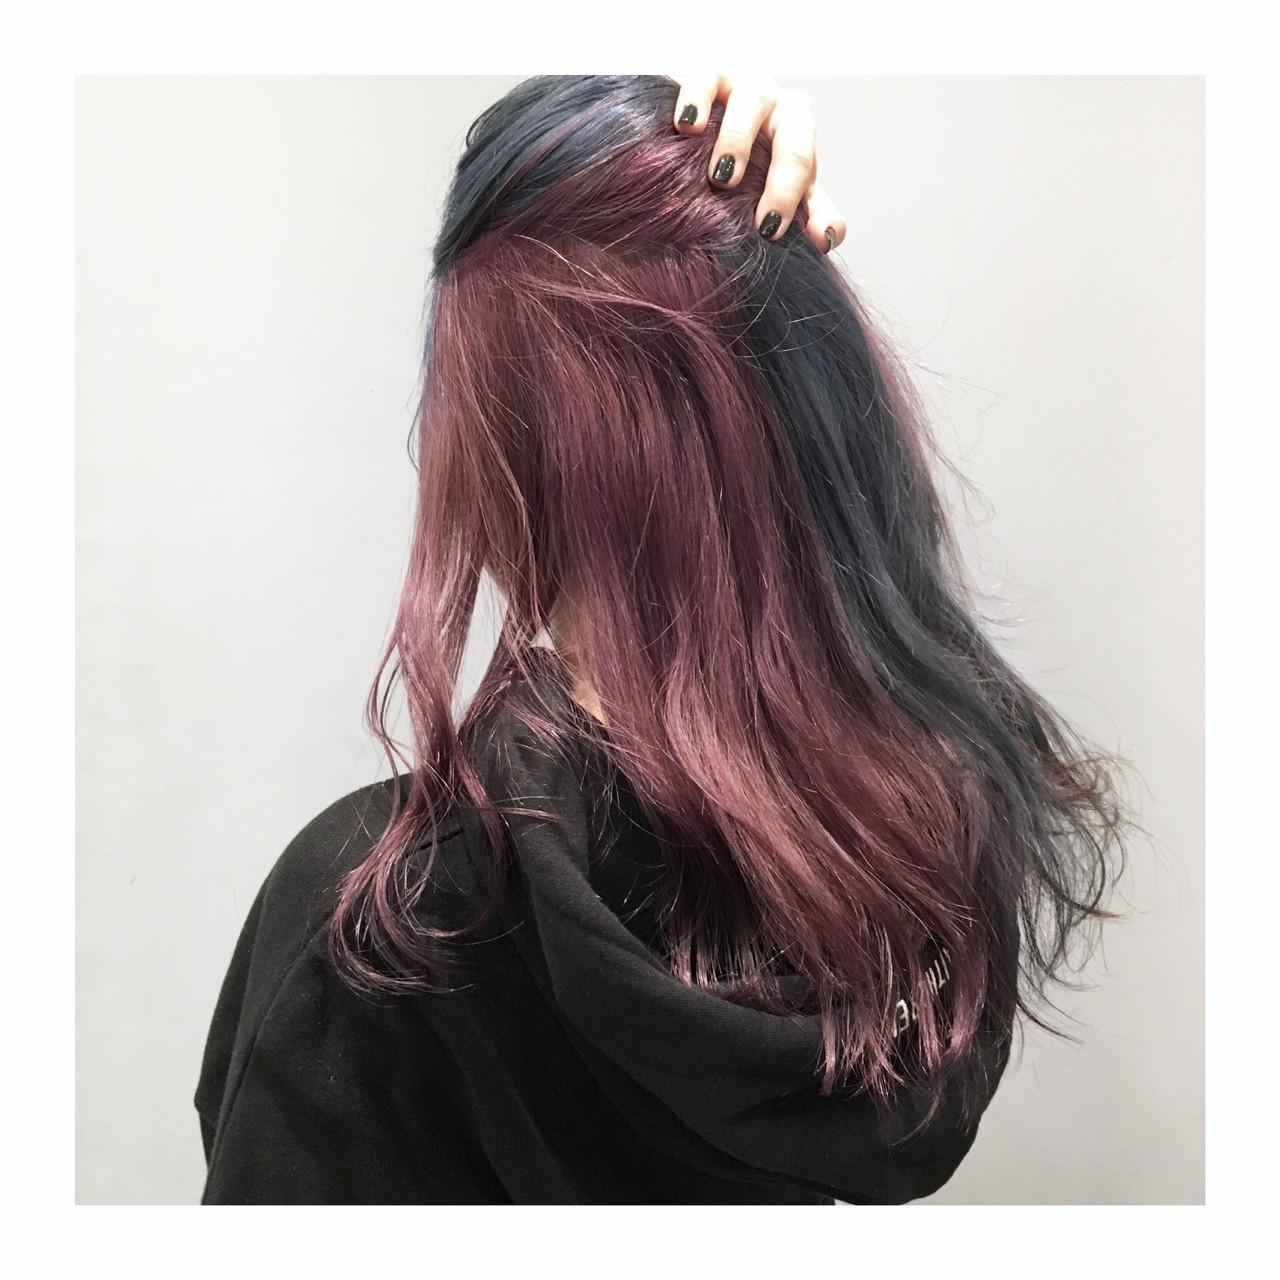 シルバー ロング ブルー ストリート ヘアスタイルや髪型の写真・画像 | Daichi shimazu / hairsalon M 新宿